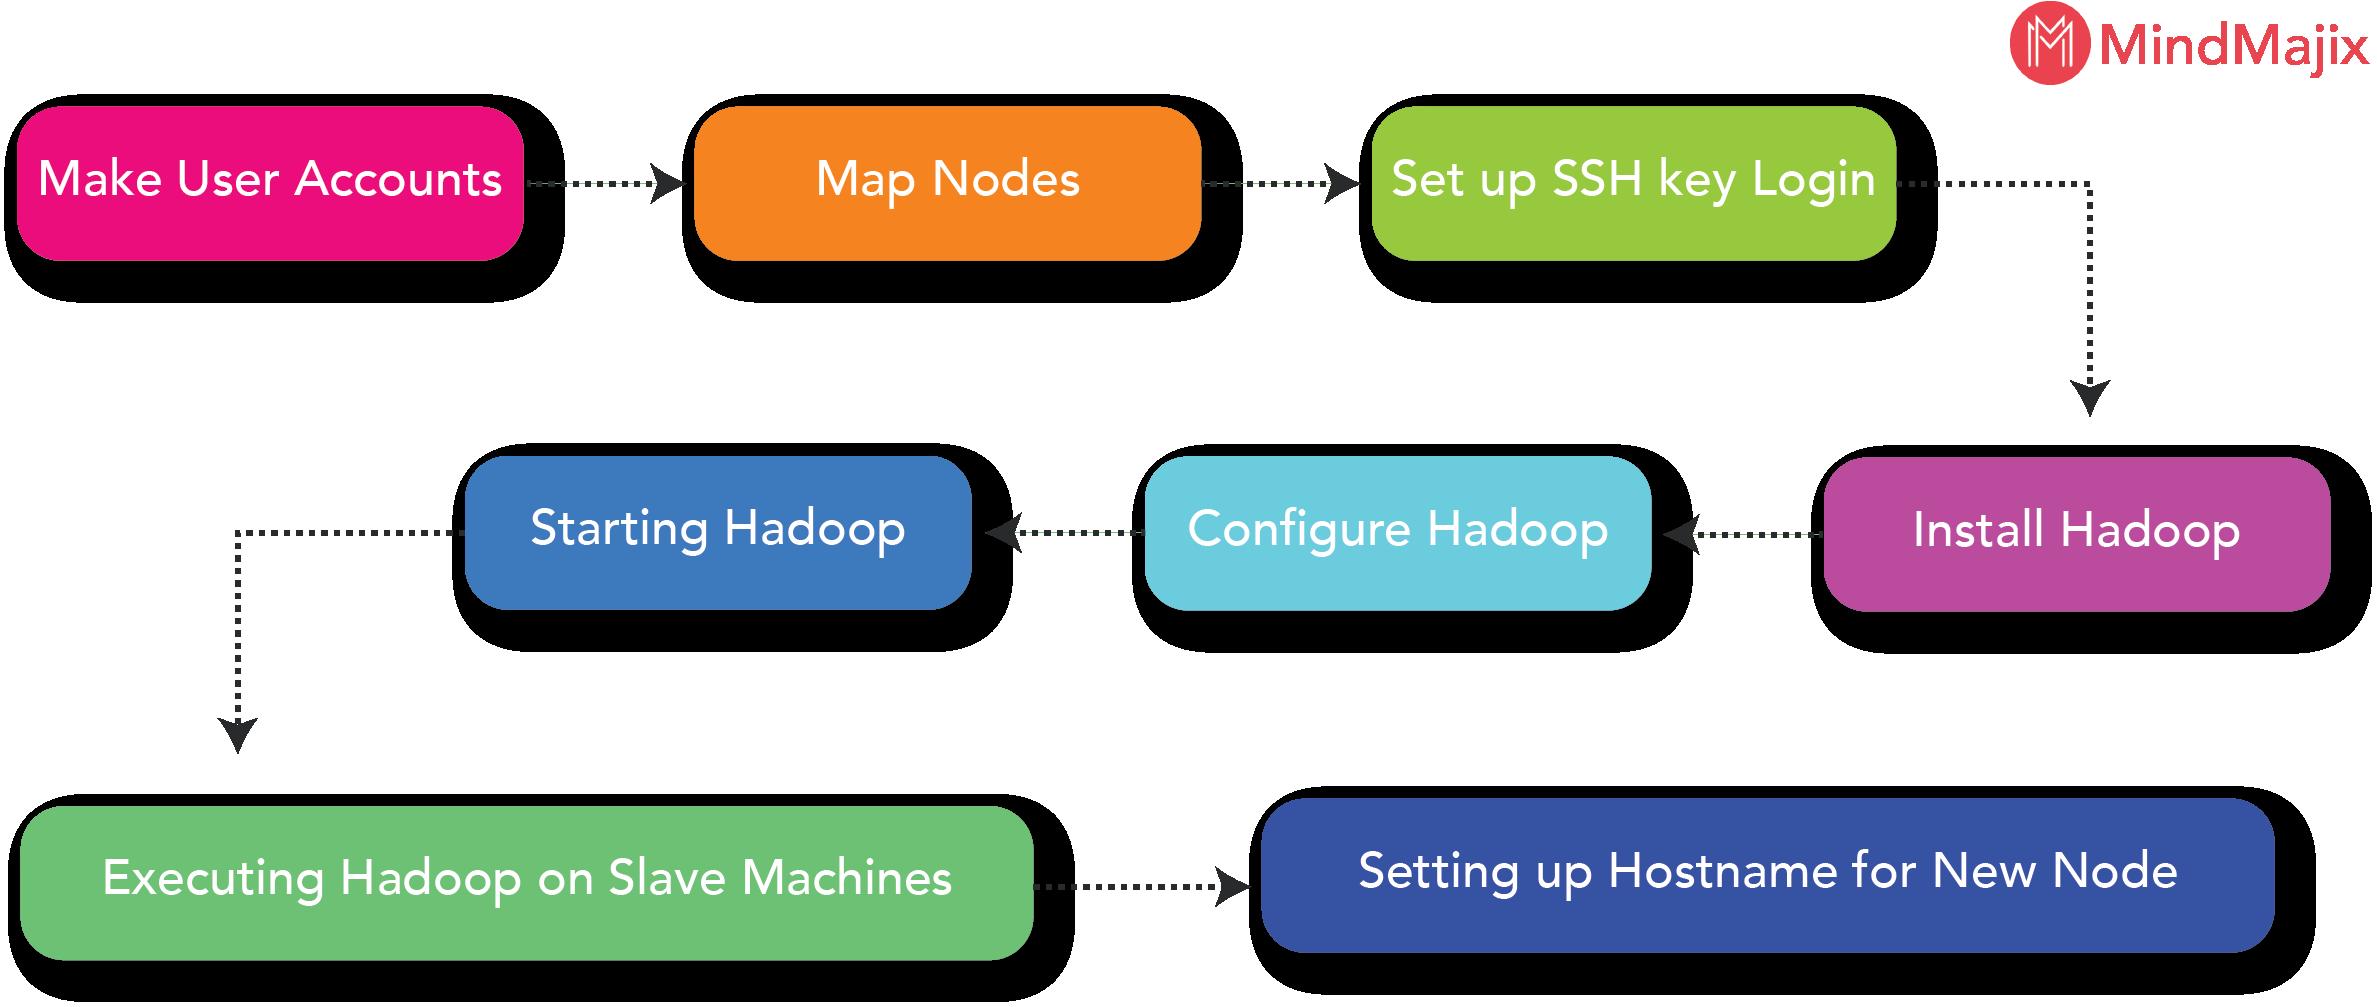 Hadoop Multi-Node Cluster